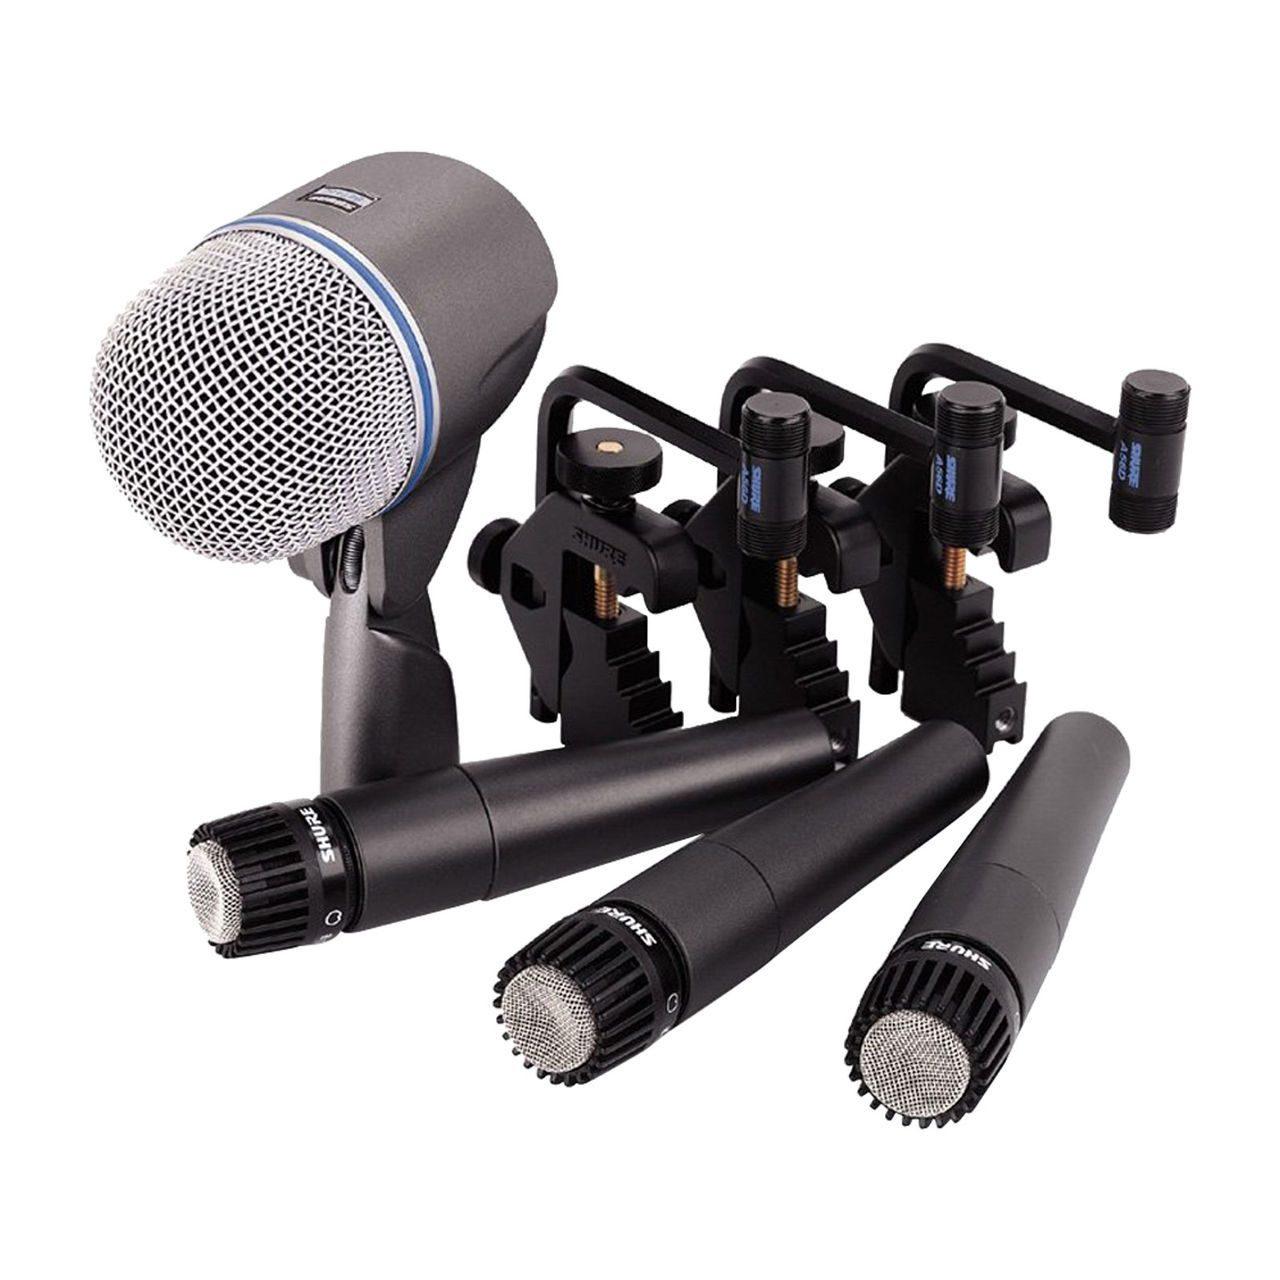 Предлагаем в аренду инструментальные микрофоны Shure DrumSet DMK57-52